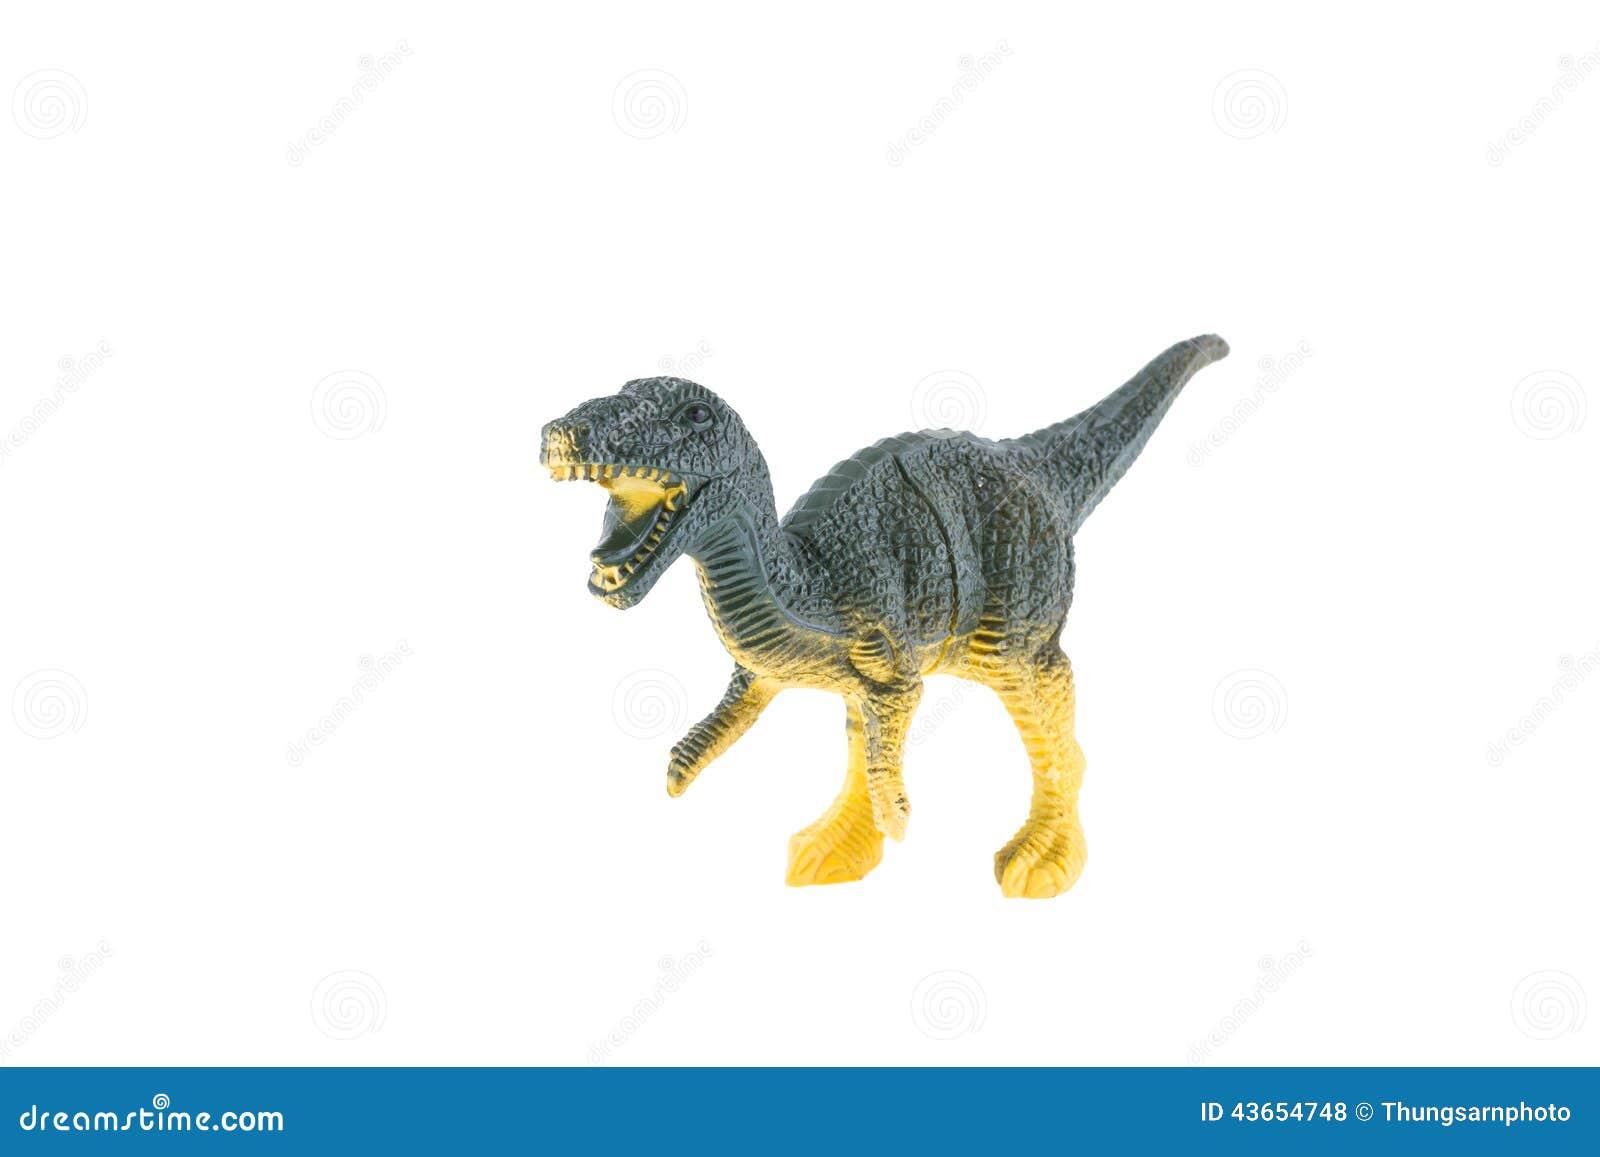 jouet en plastique de dinosaure velociraptor